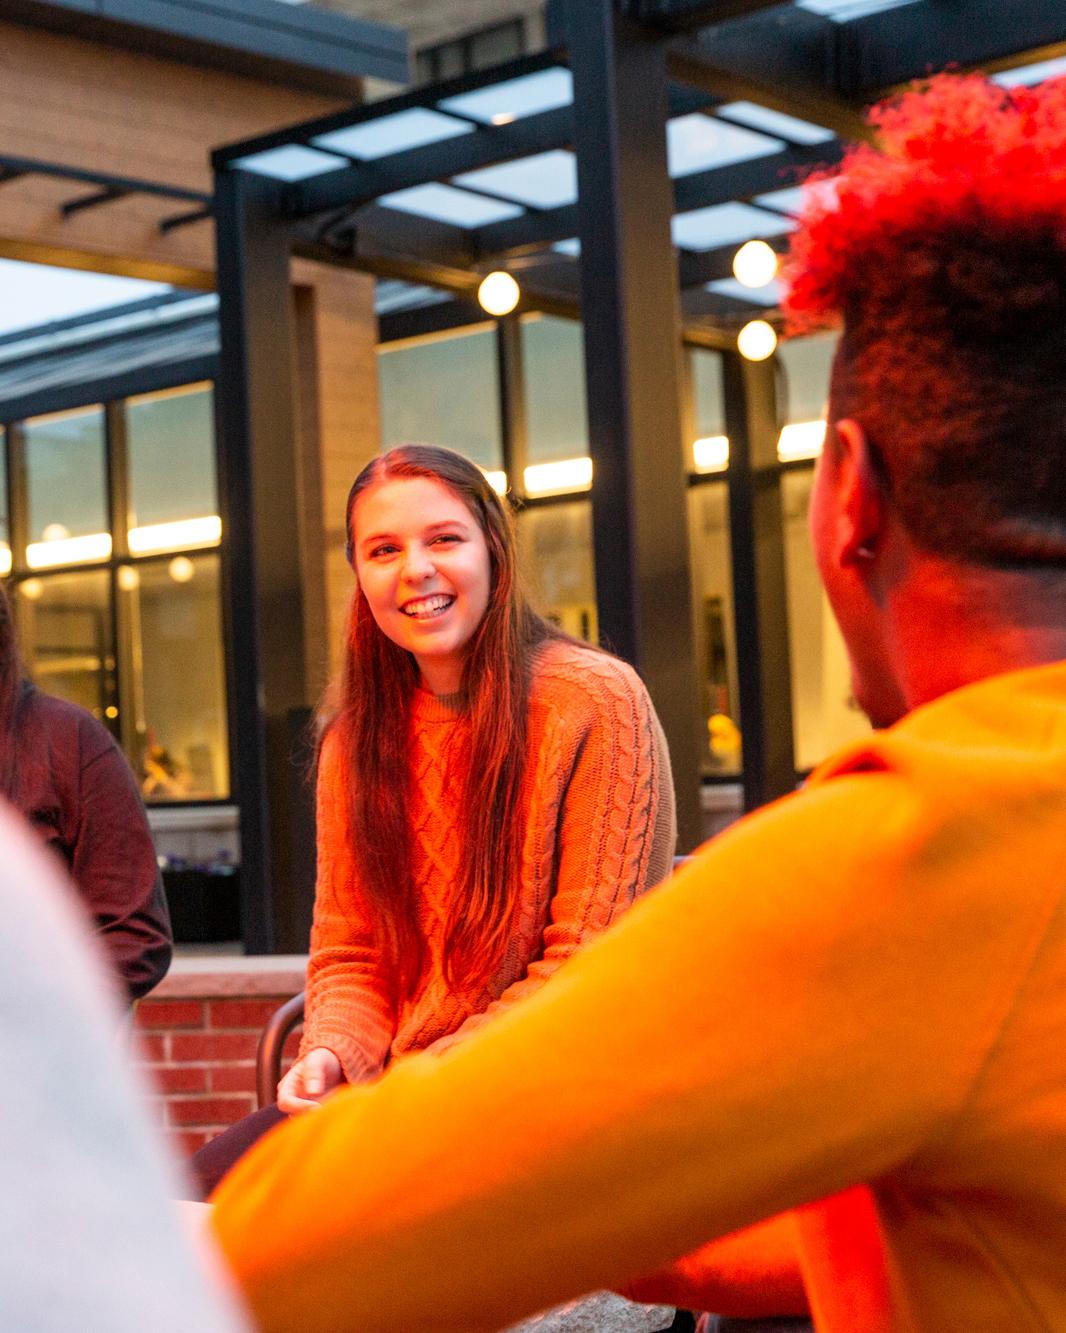 Students talk near fire pit